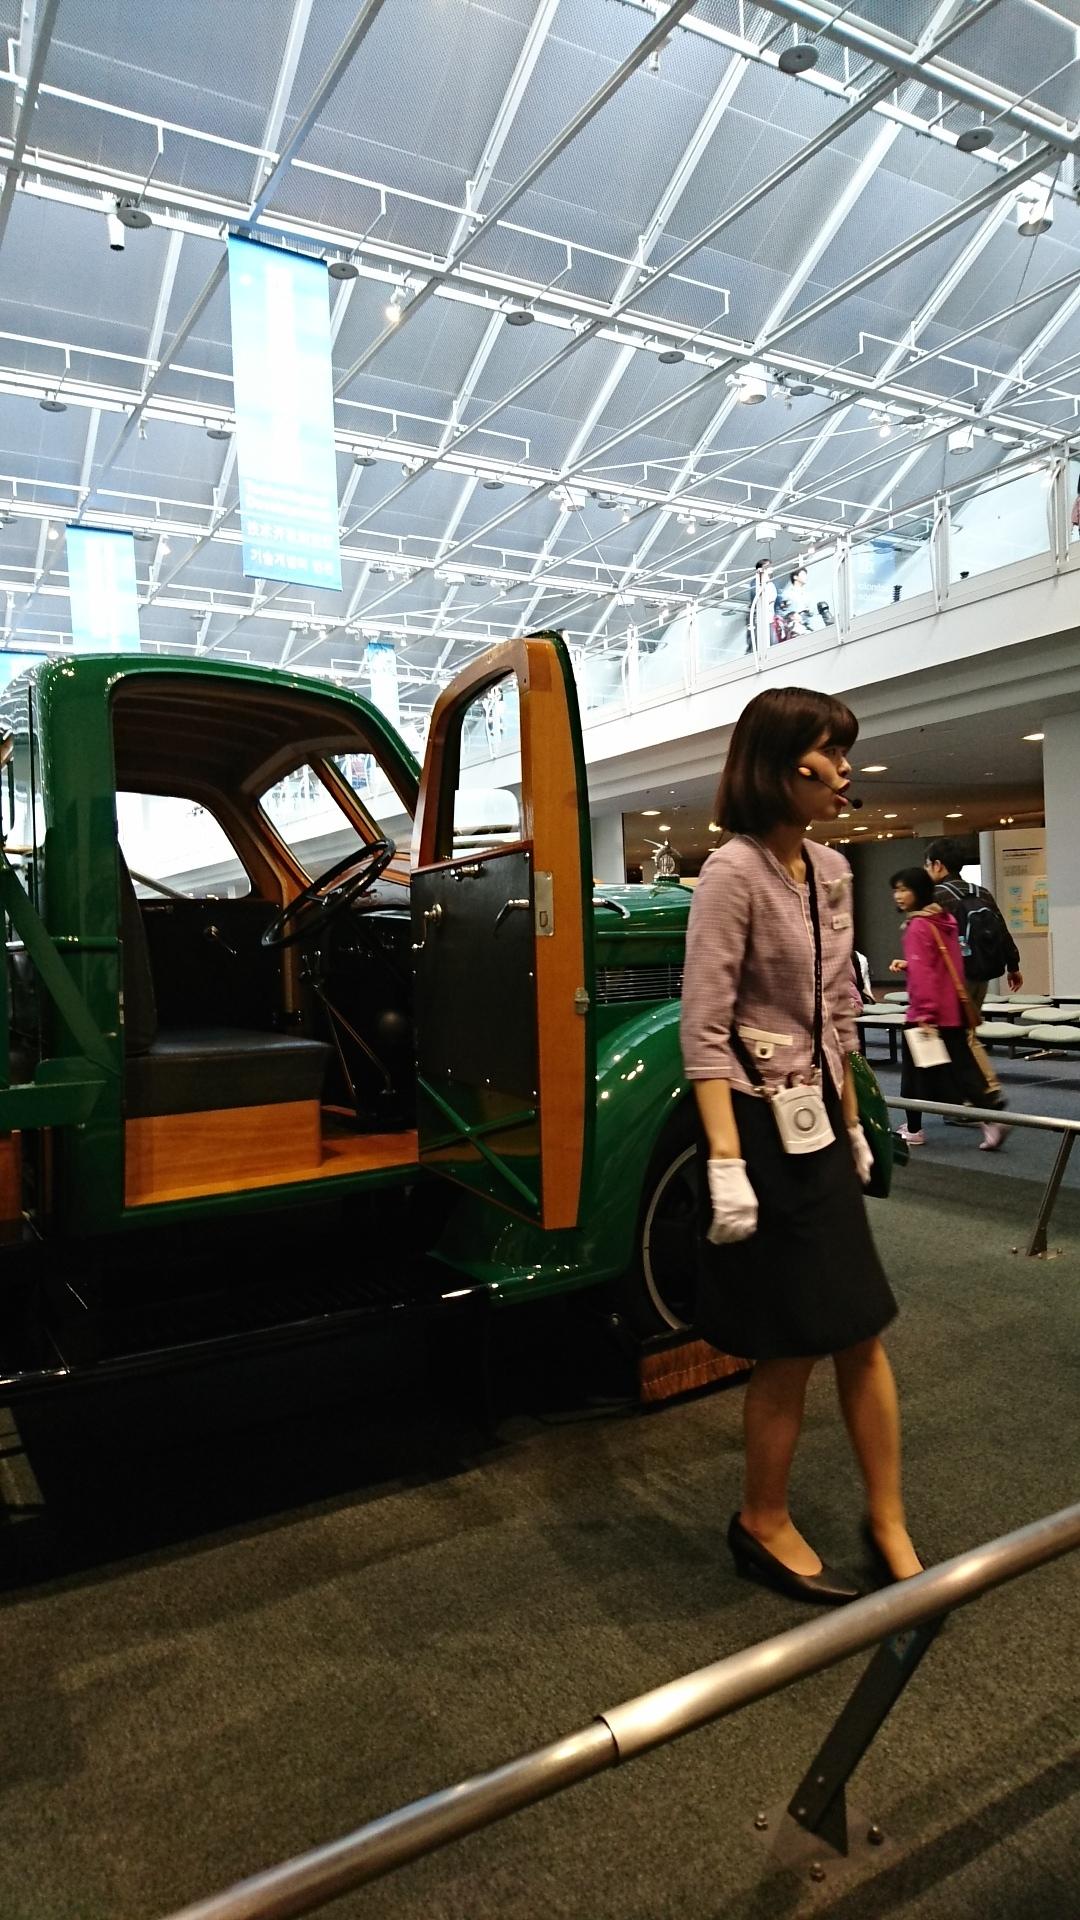 2018.5.3 (14) トヨタ産業技術記念館 - 自動車館 1080-1920